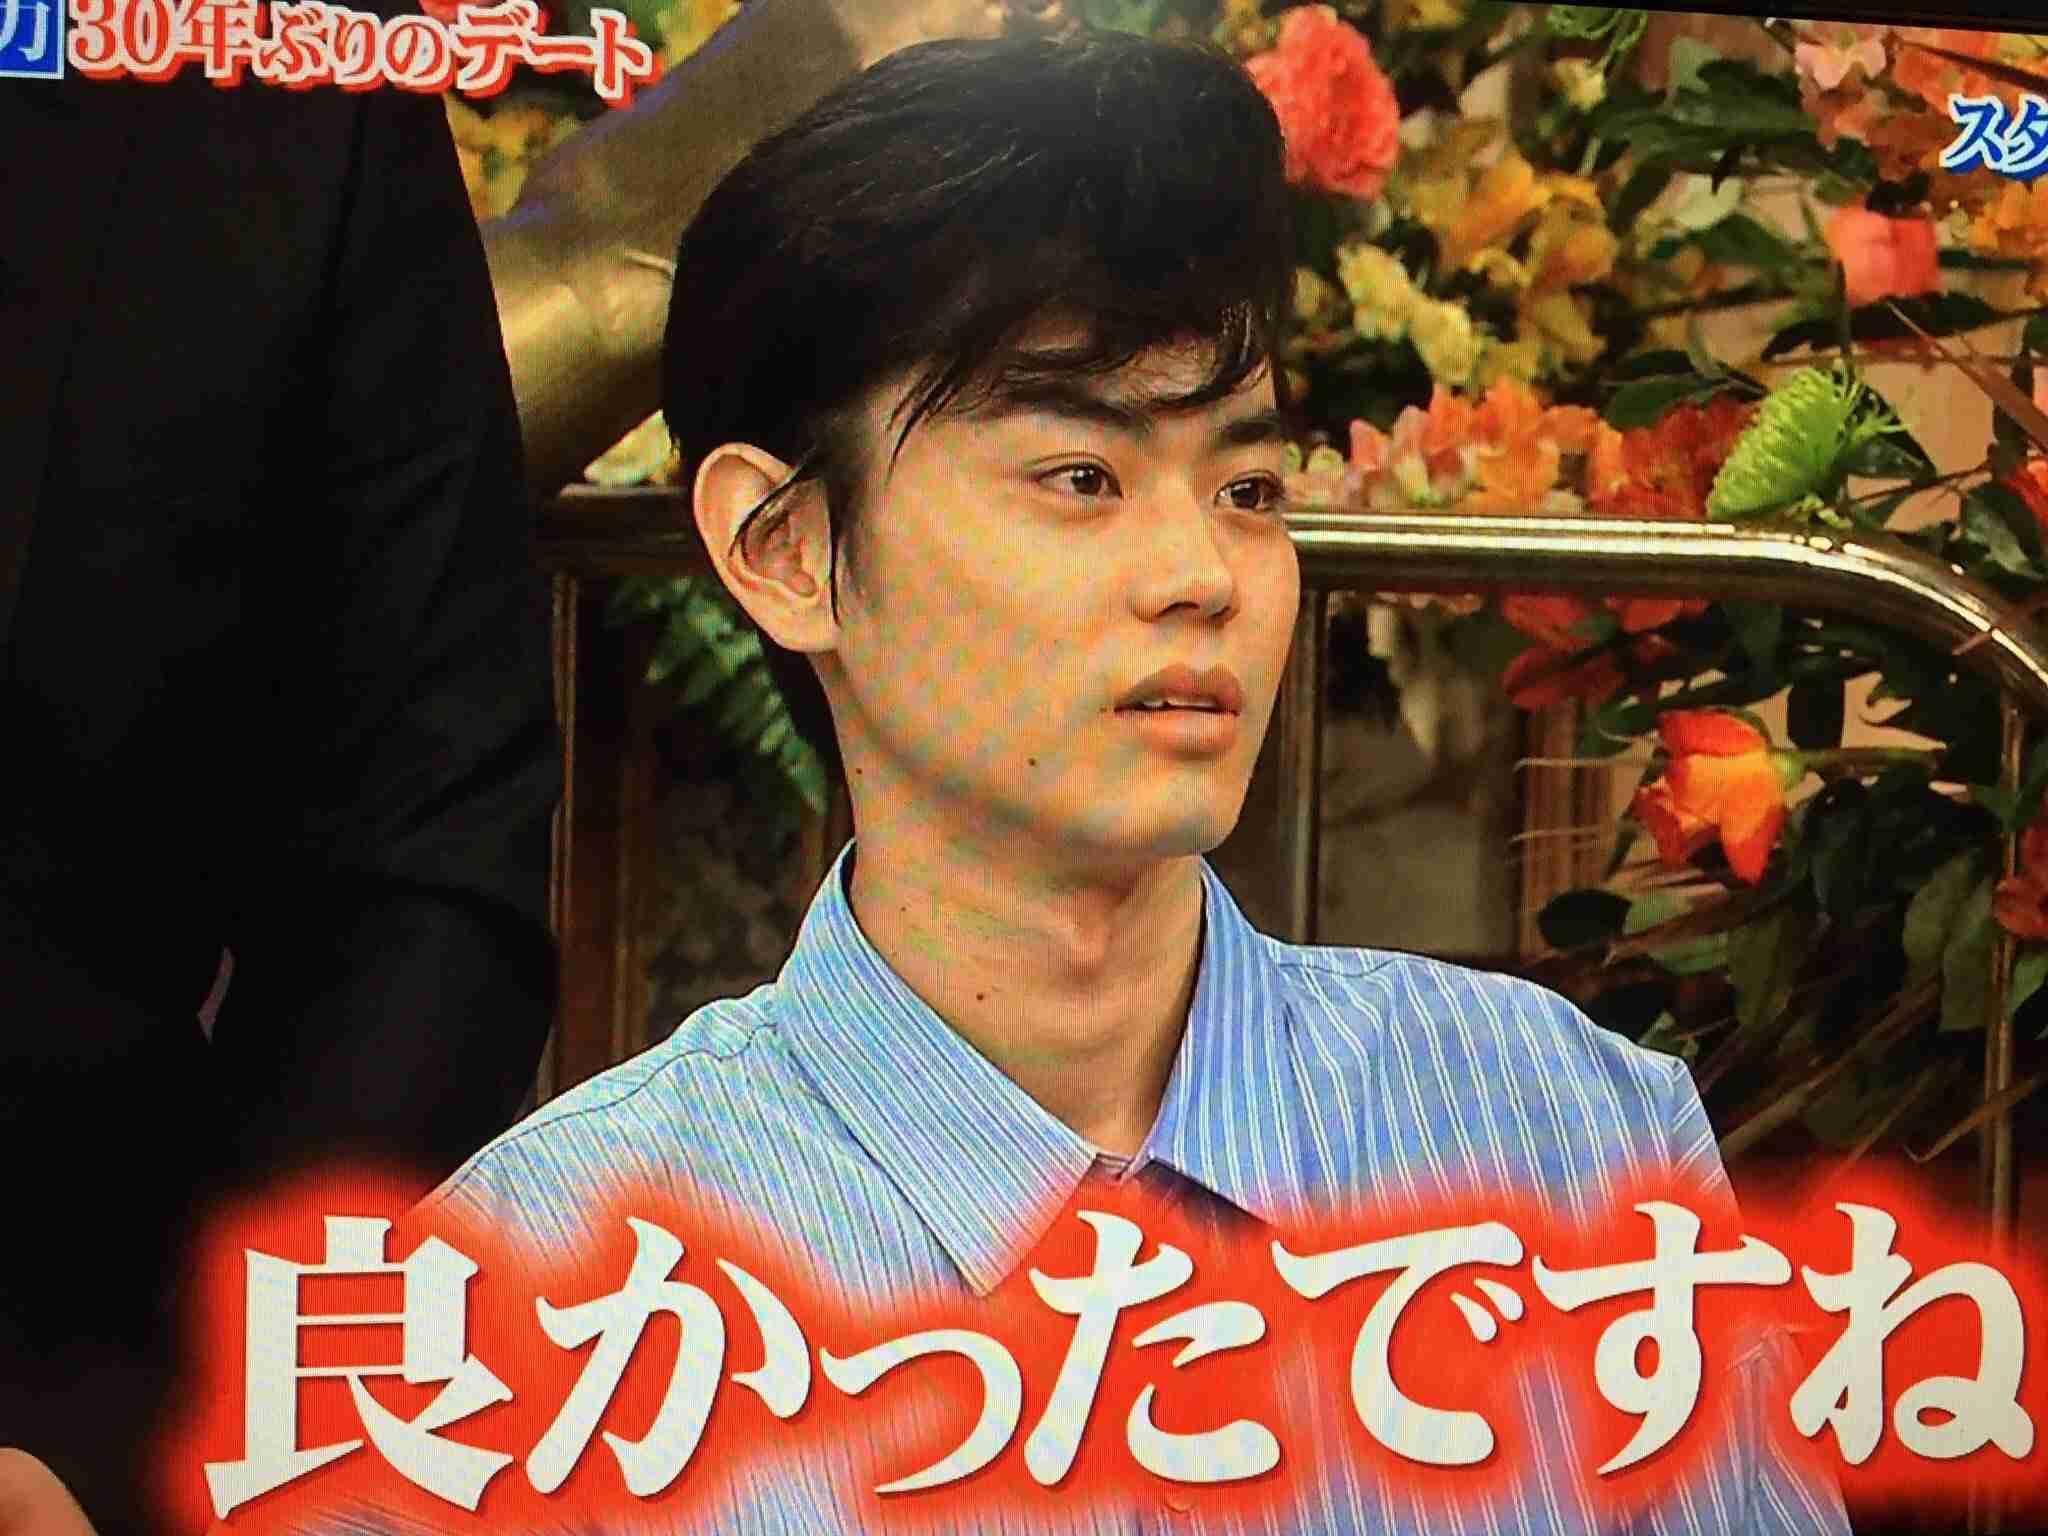 菅田将暉 彼女から言われた別れの言葉「アツすぎてもうついていけない!」